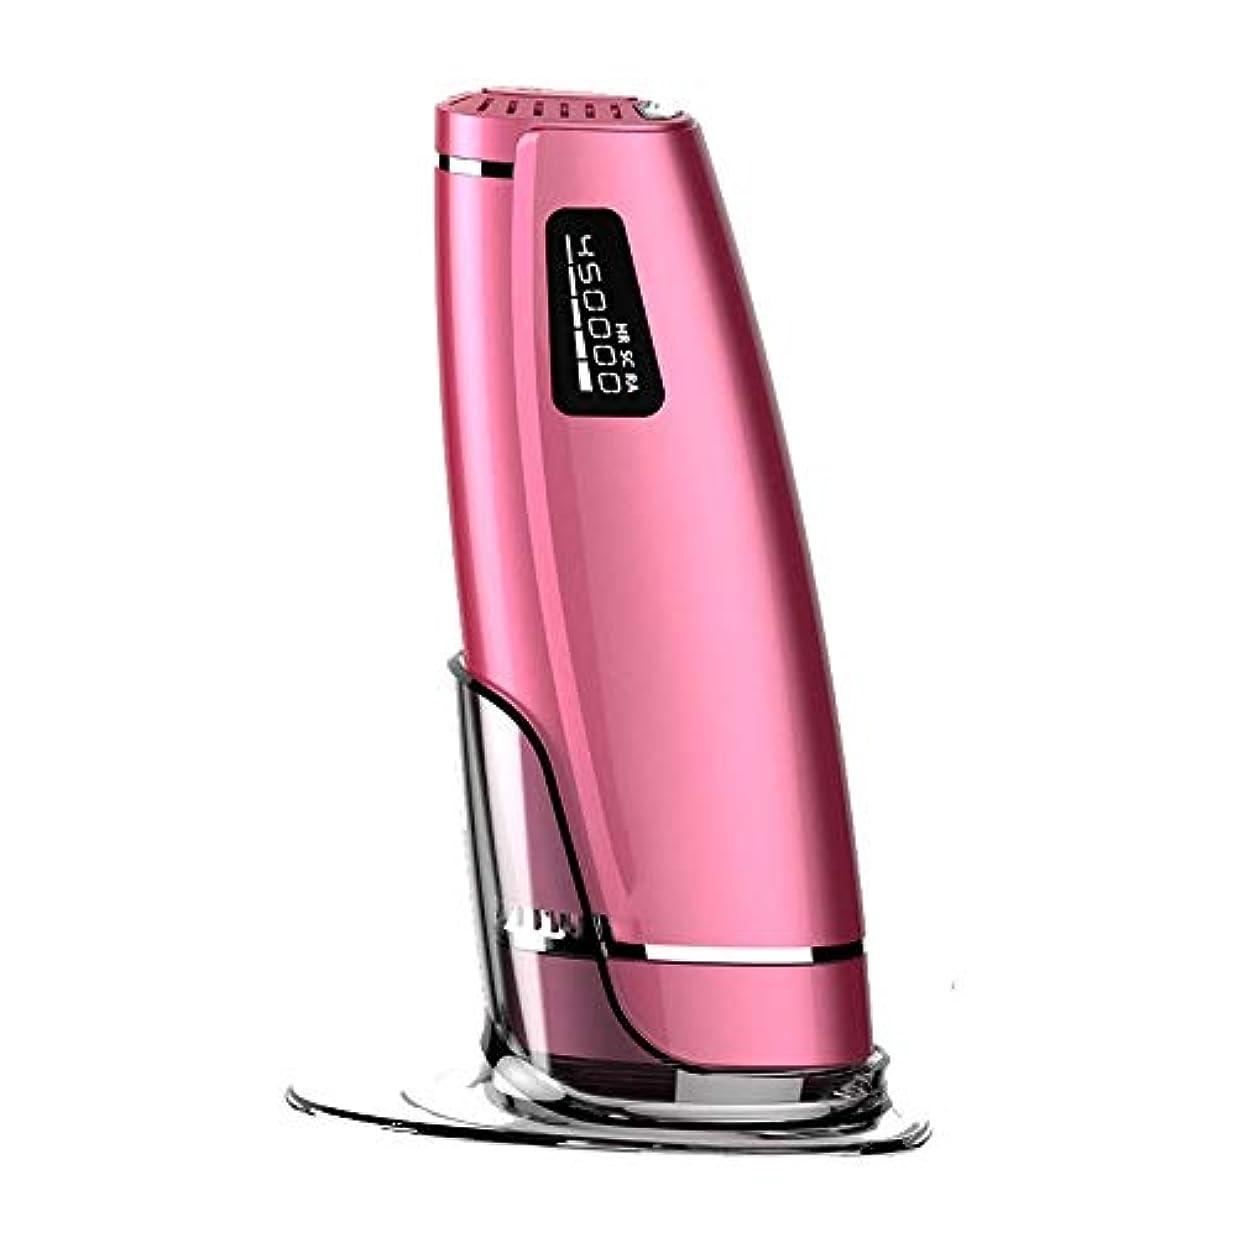 猫背冊子相互接続Xihouxian 携帯用永久的な毛の除去剤、ピンク、デュアルモード、自動痛みのない毛の除去剤、5スピード調整、サイズ20.5 X 4.5 X 7 Cm D40 (Color : Pink)